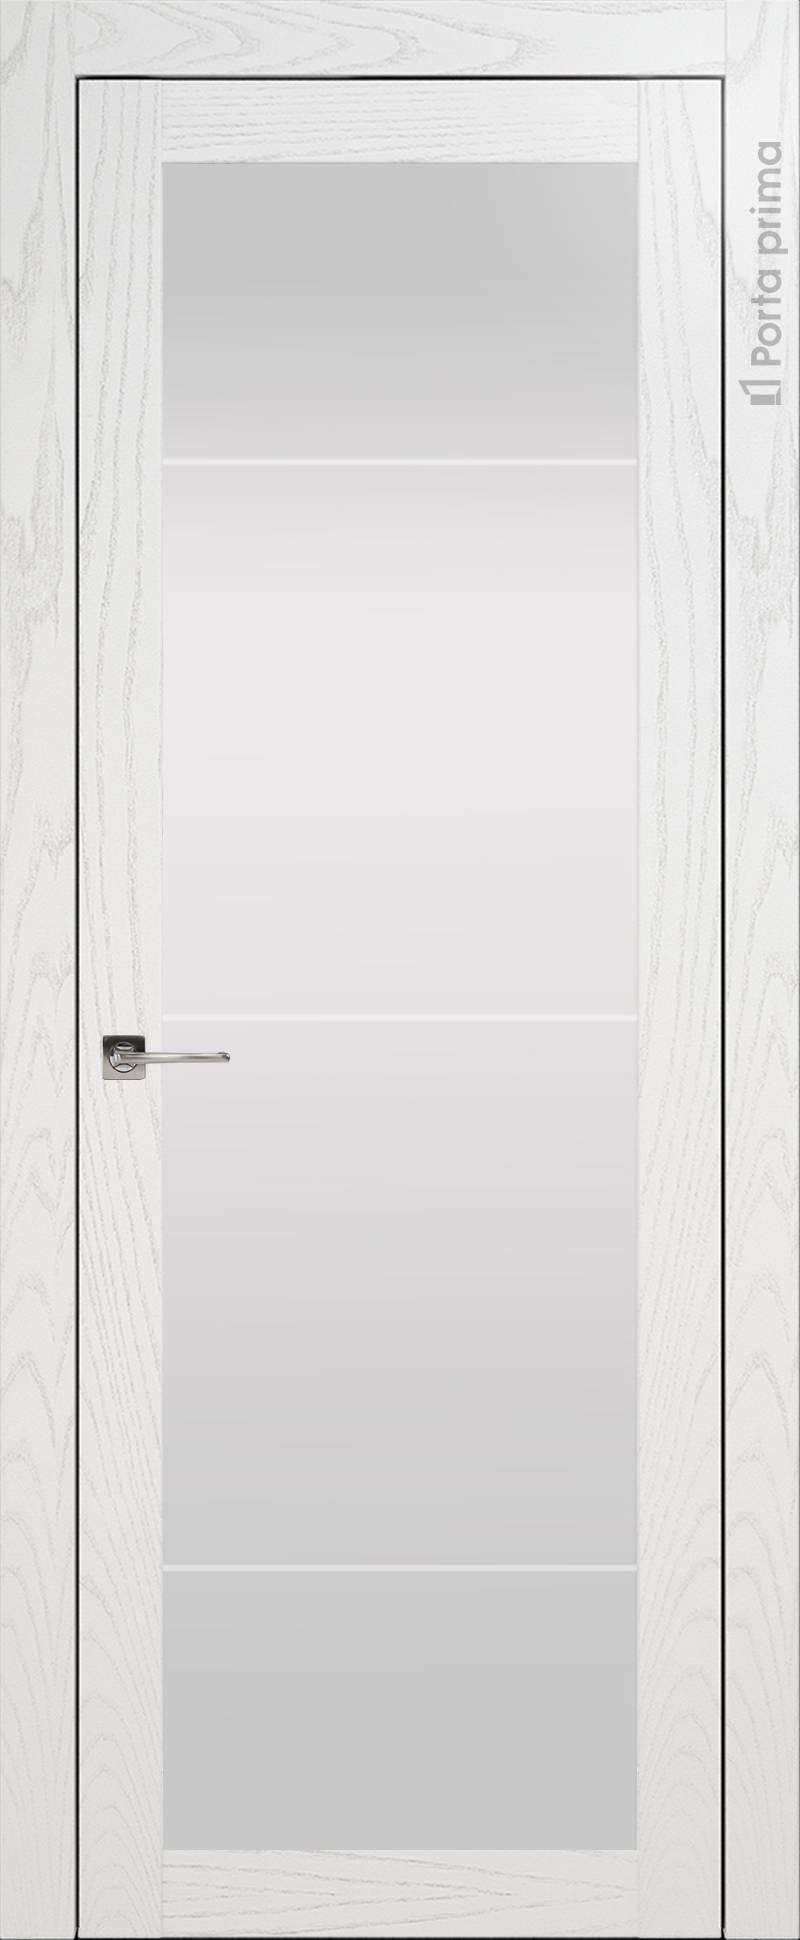 Tivoli З-3 цвет - Белый ясень (шпон) Со стеклом (ДО)